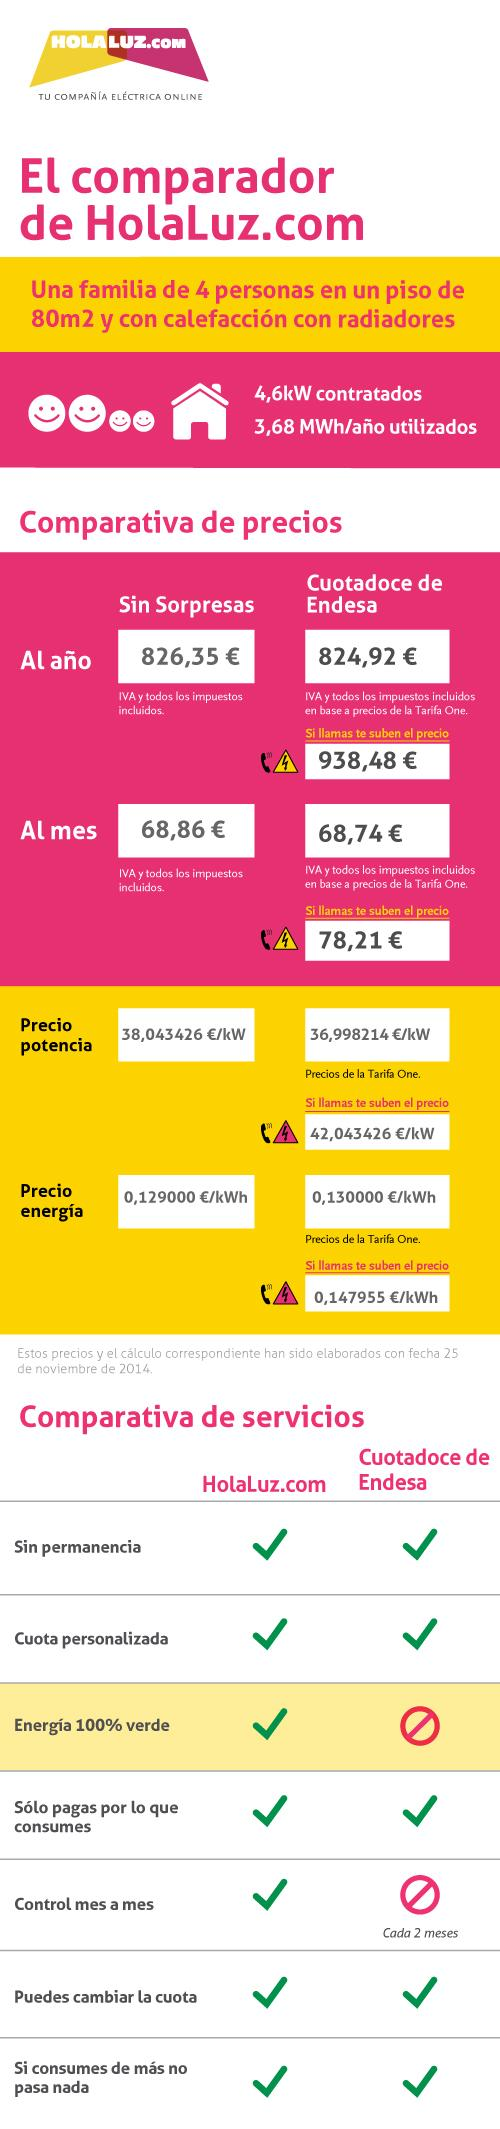 comparador_hlcom_endesa